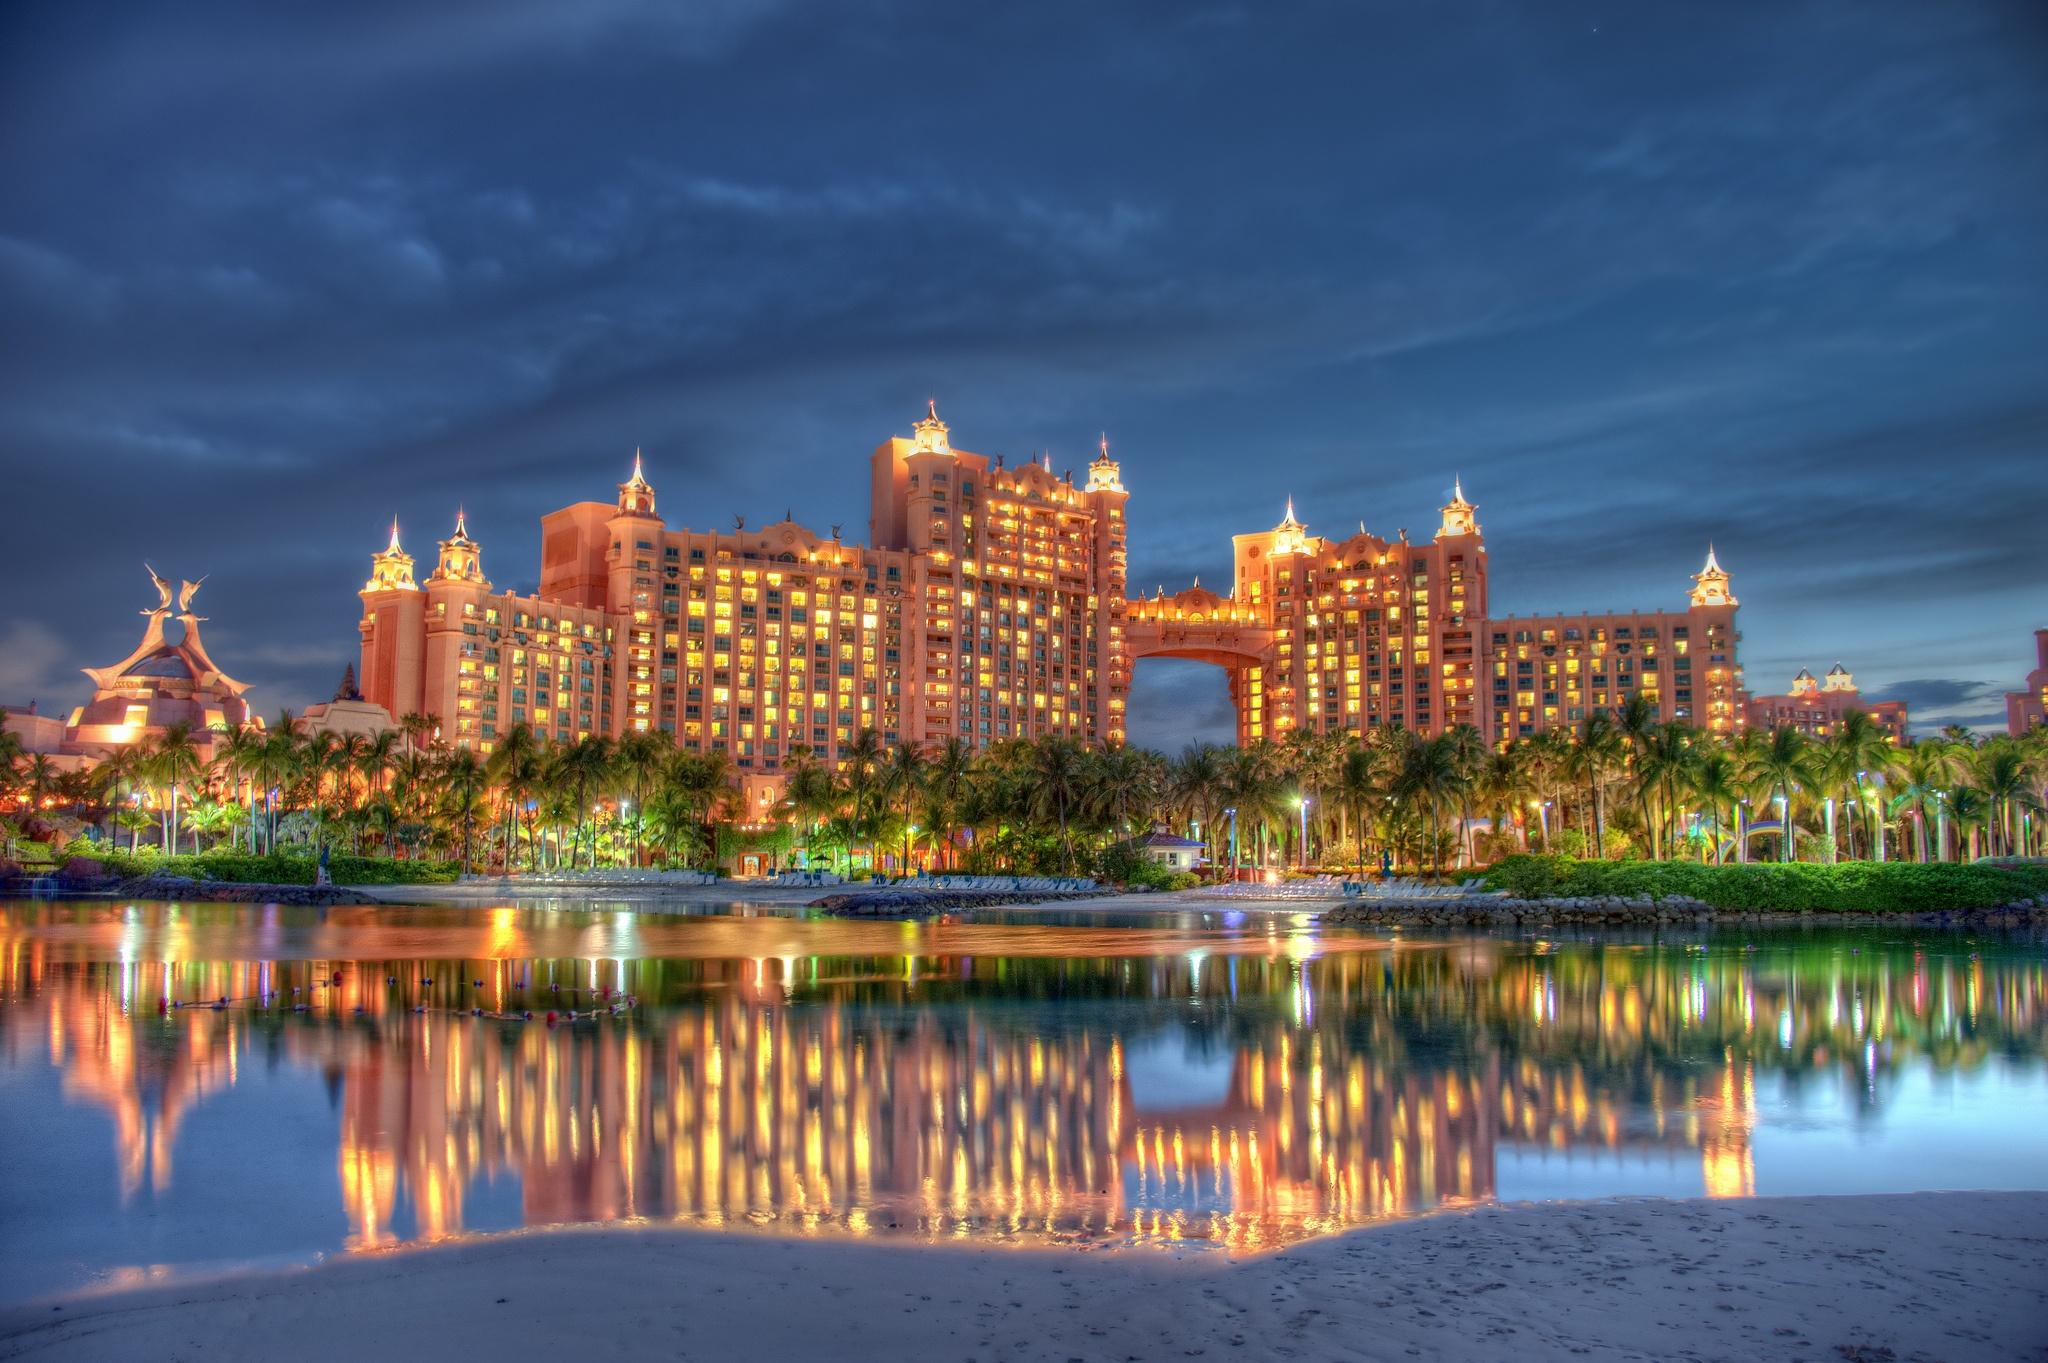 Atlantis hotel Van Florida naar de Bahama's